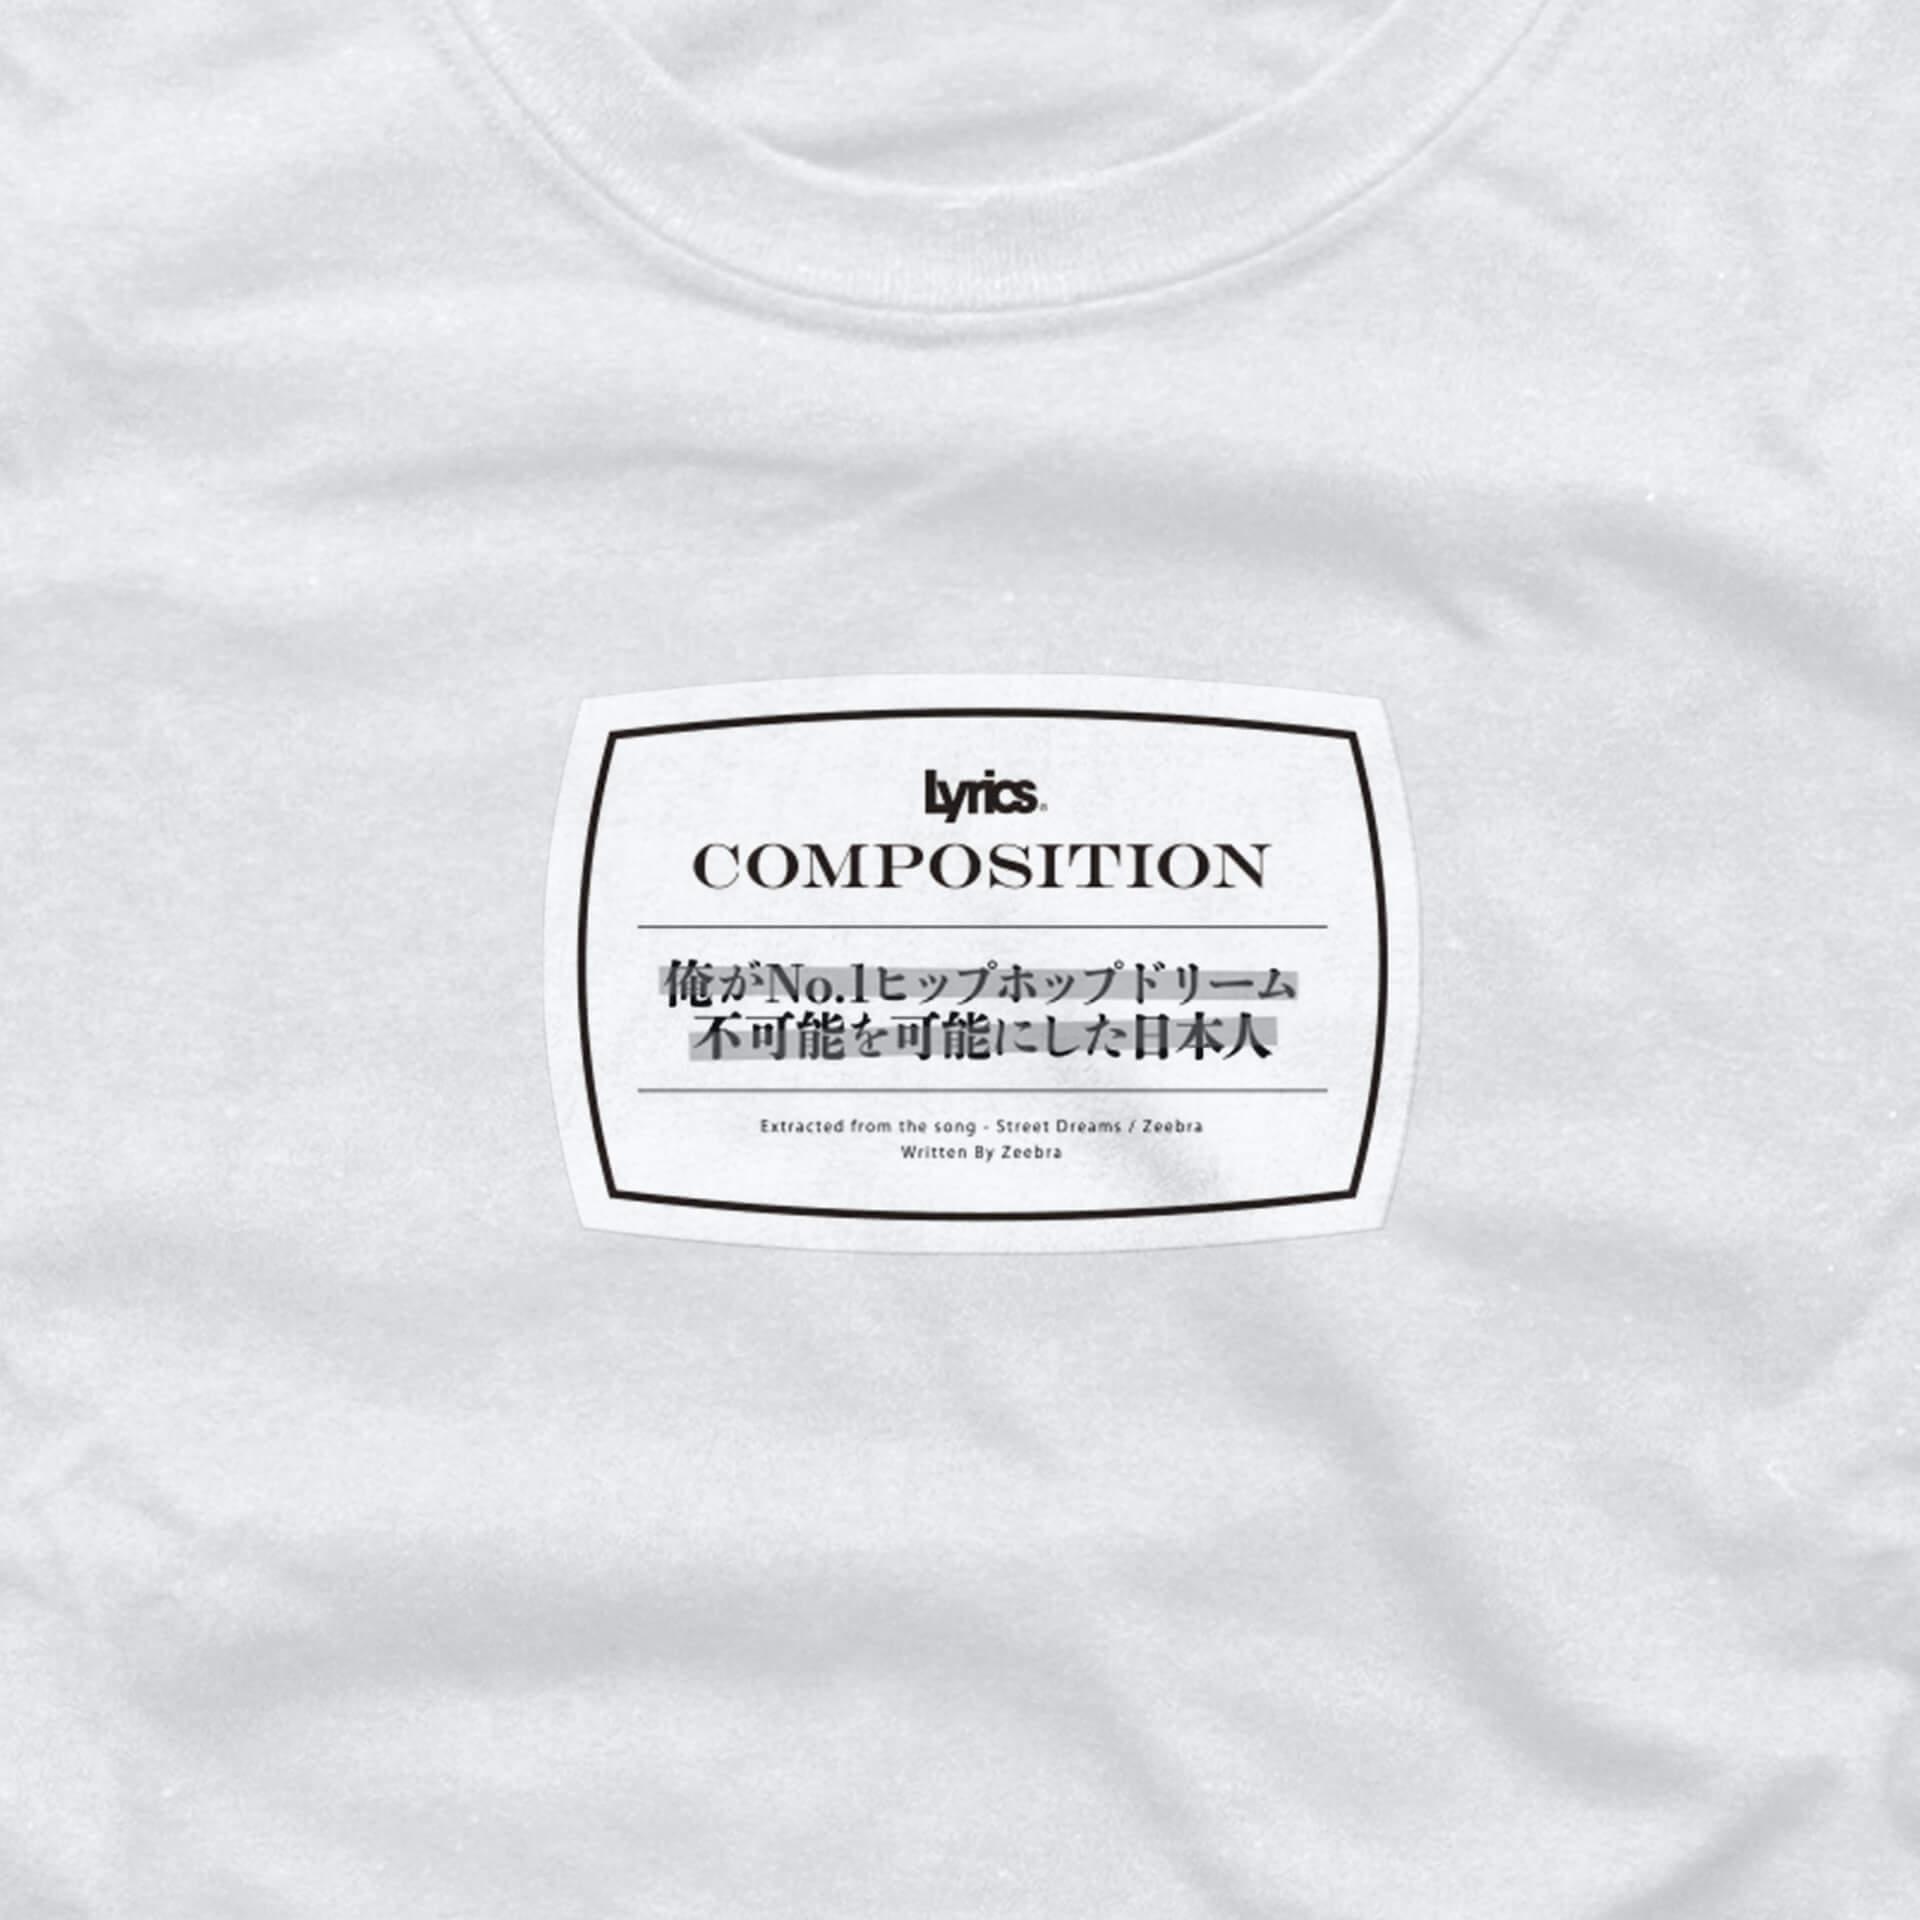 Zeebra、NIPPS、TWIGYのパンチラインがアパレルに!?リリックをデザインに落とし込んだアパレルブランド『Lyrics』が登場! Fashion210608_LYRICS-tshirt3